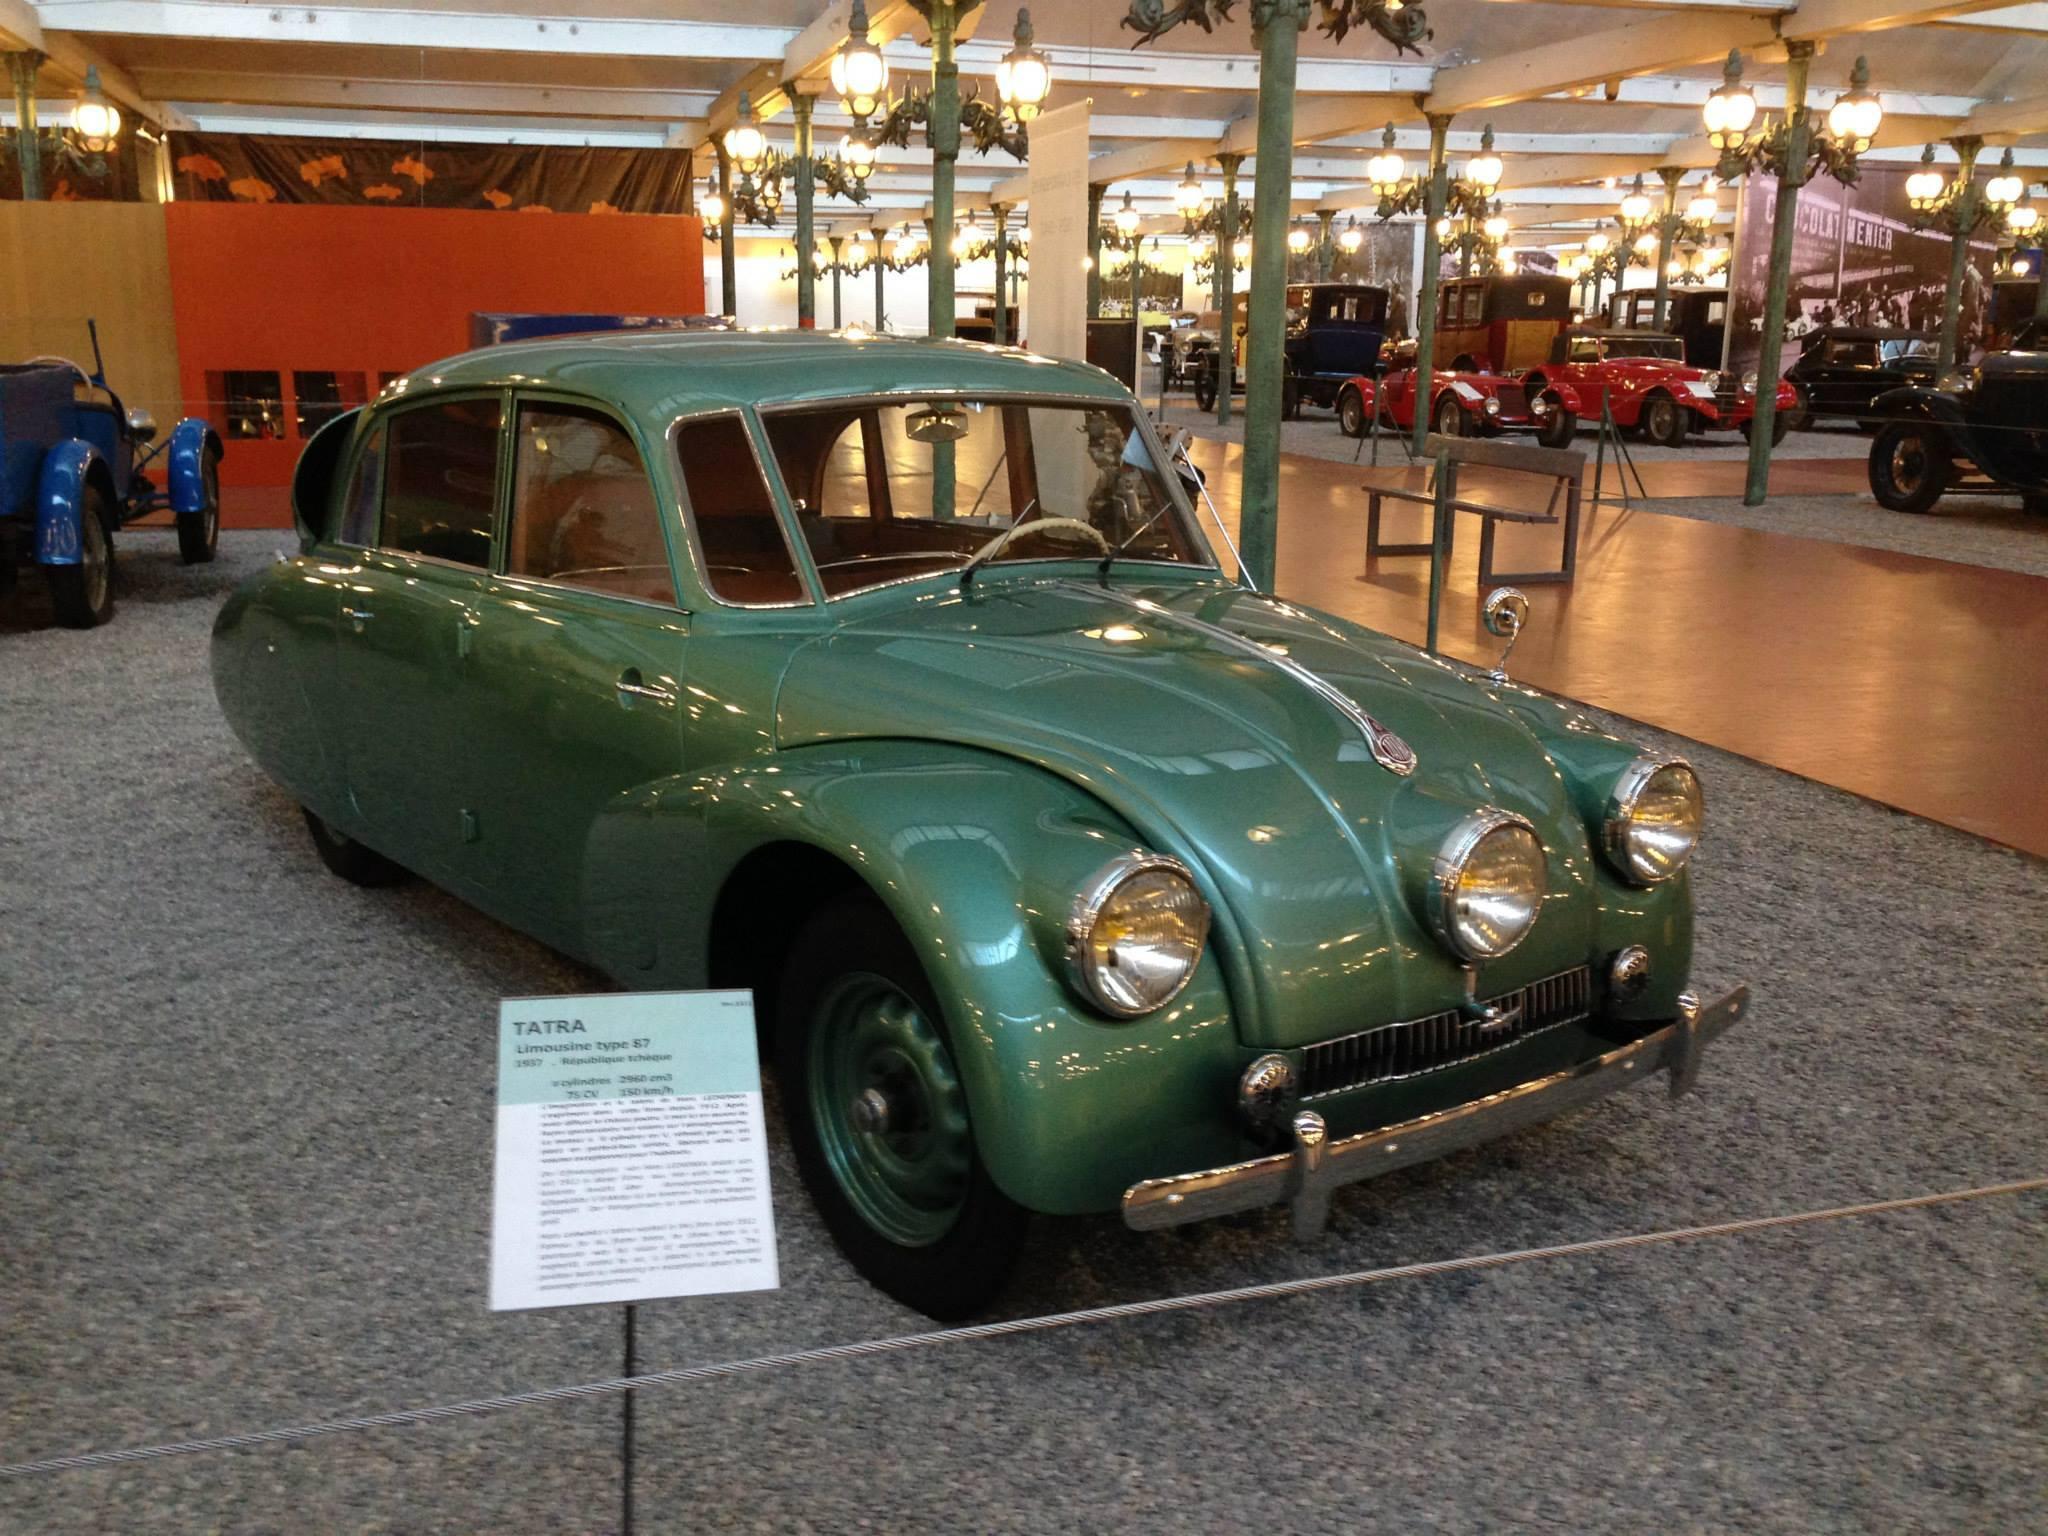 Tatra-19